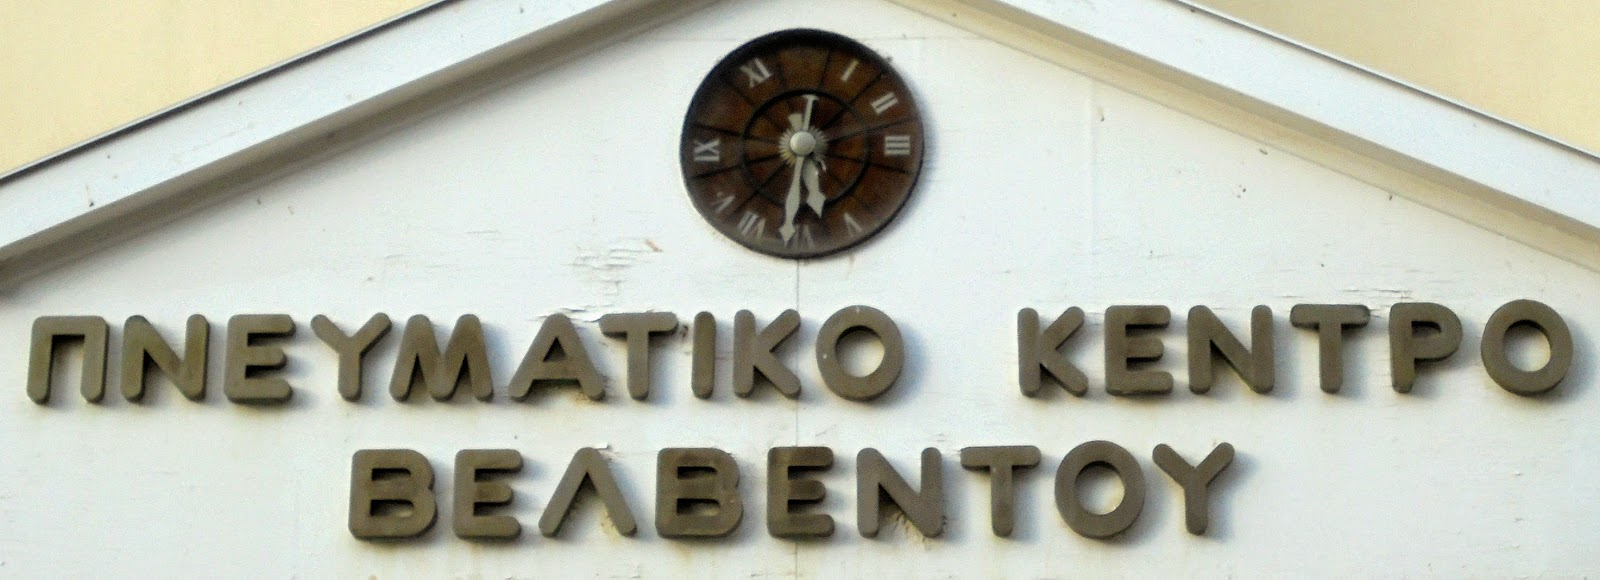 το Πνευματικό Κέντρο του Βελβεντού